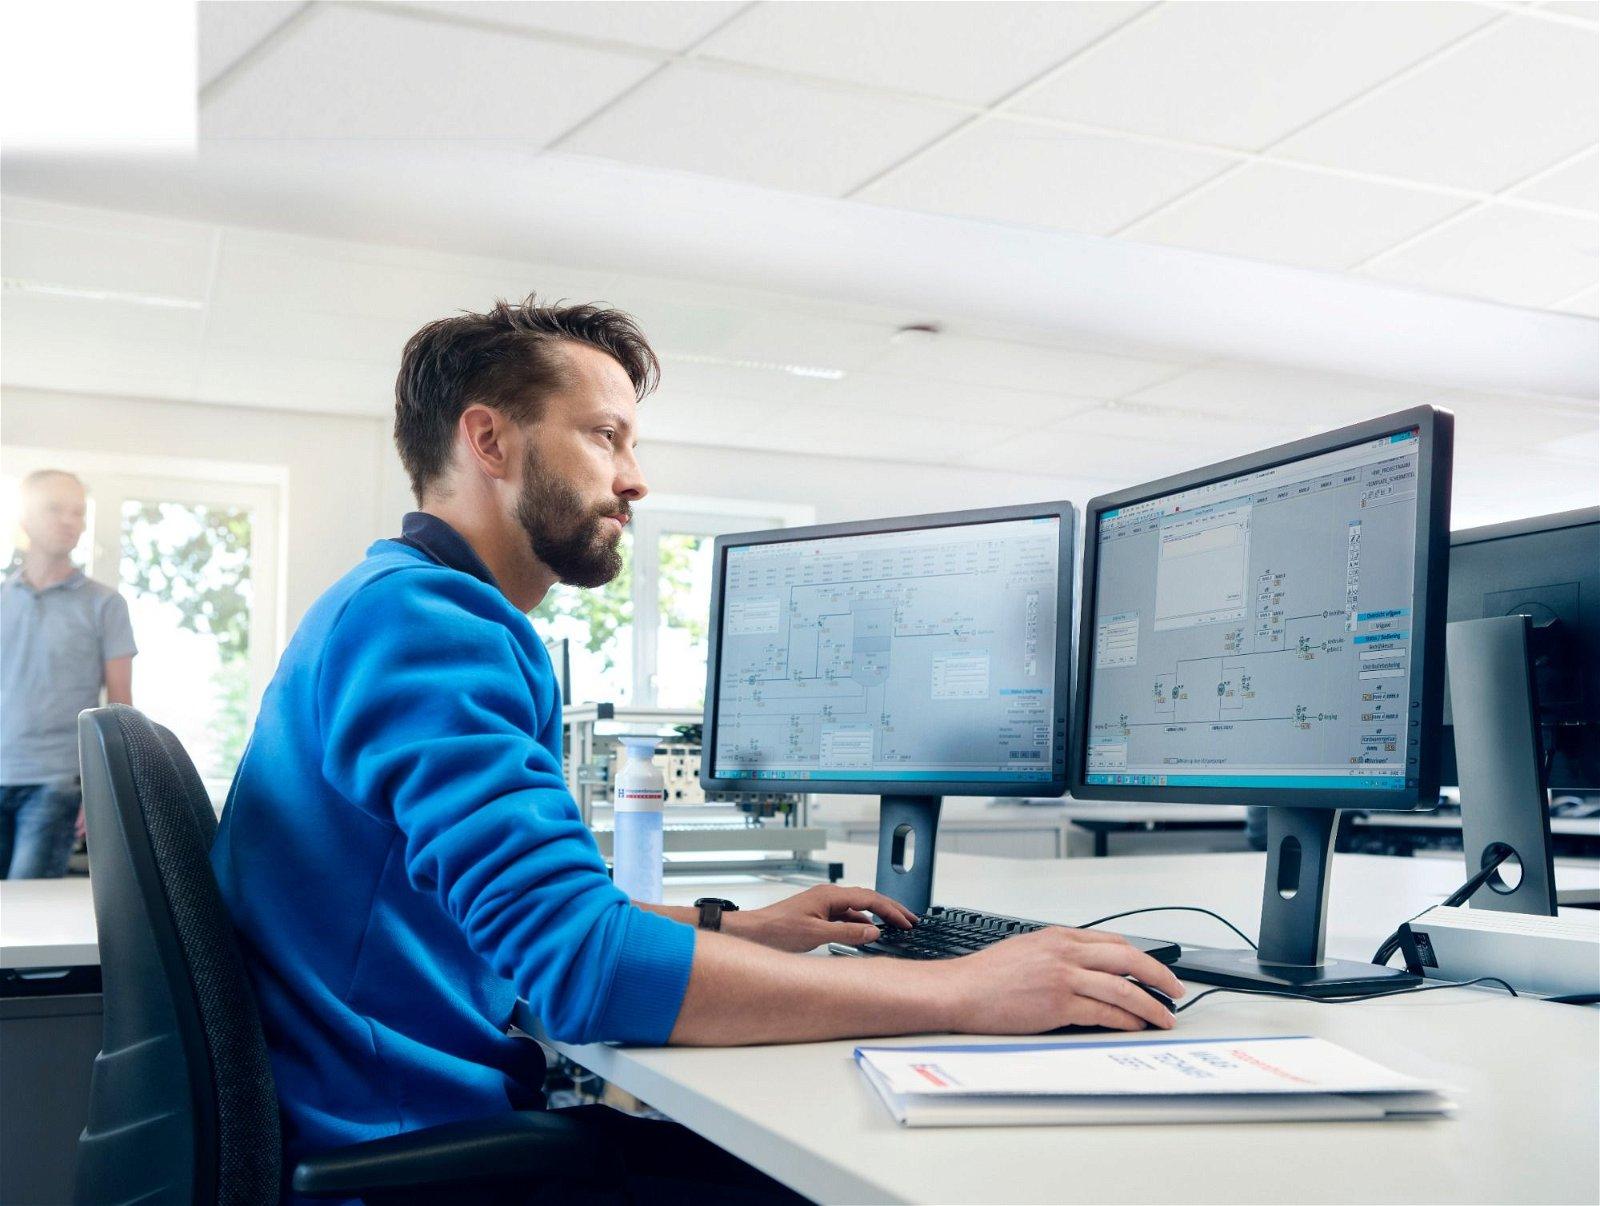 Wij bundelen graag onze krachten en nemen zowel hardware als software engineering uit handen. Maak kennis met Hoppenbrouwers Techniek.